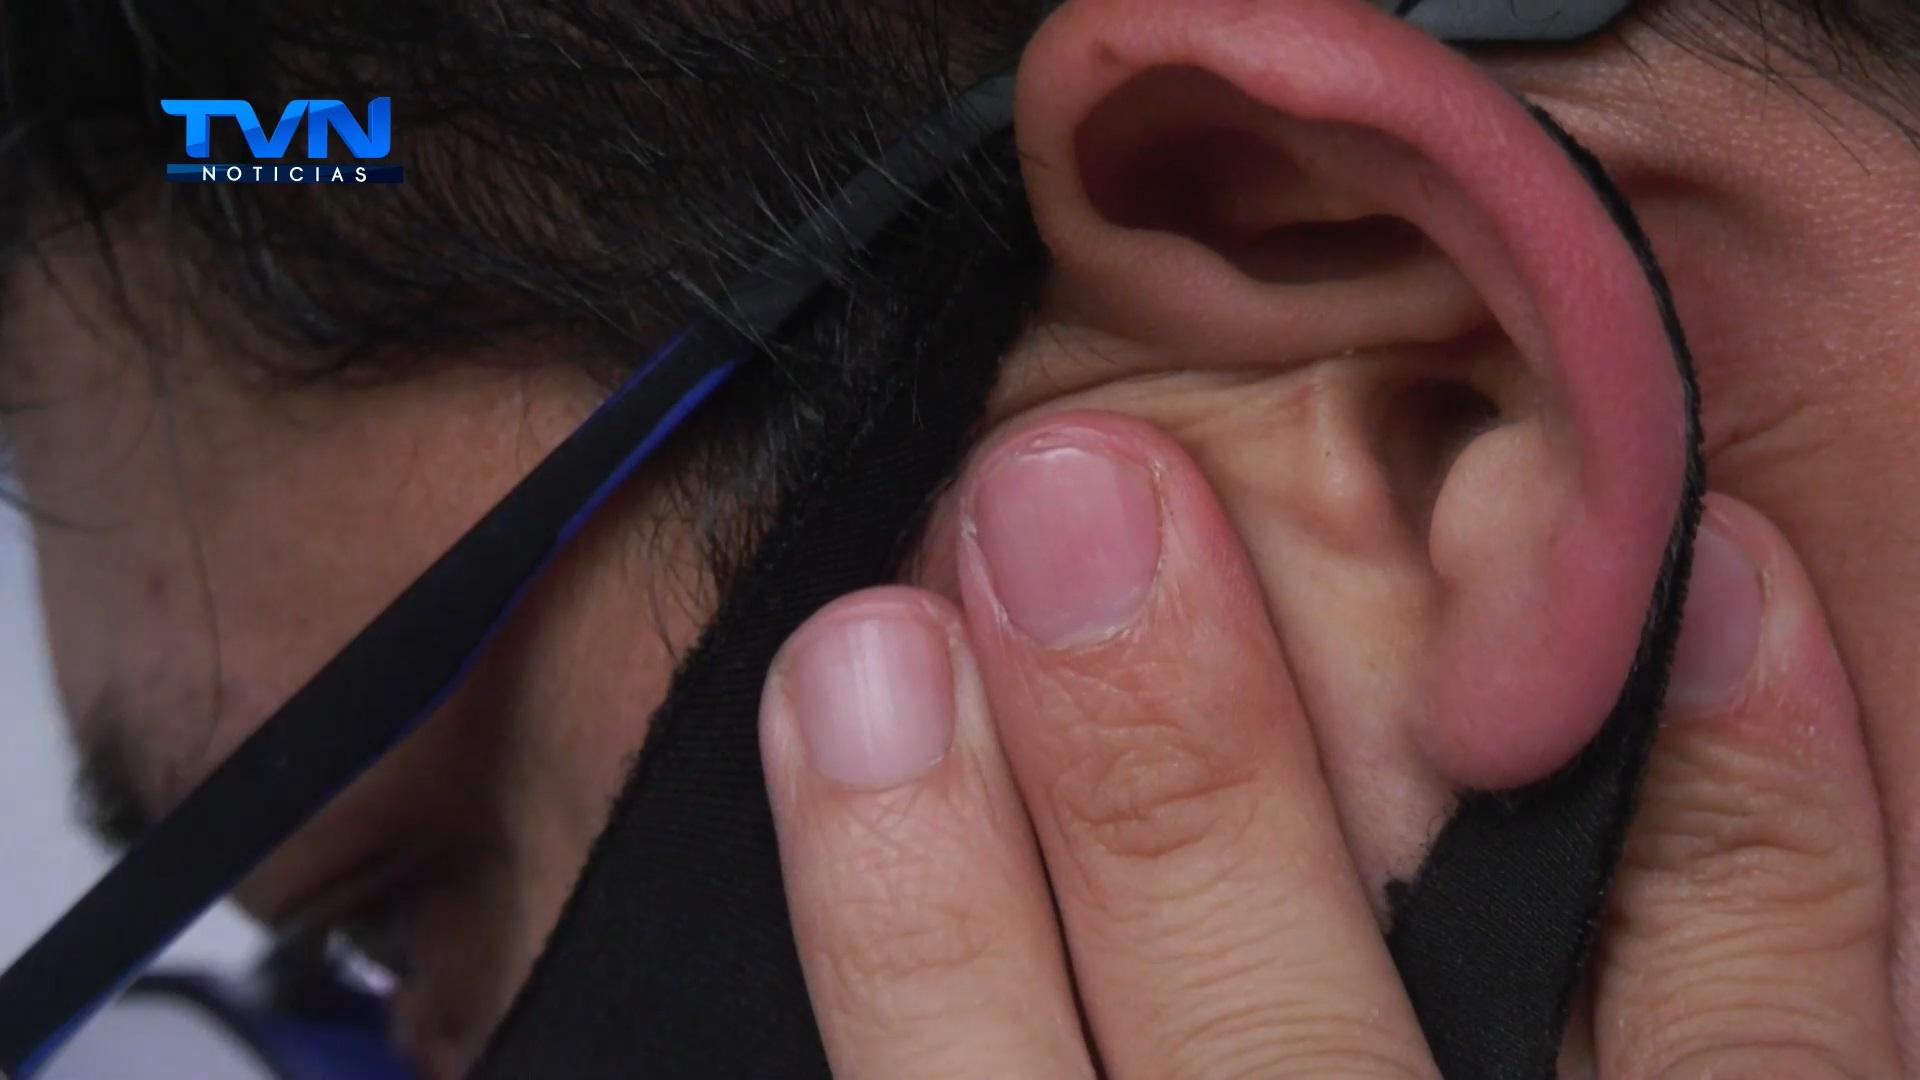 ¿Le duele un oído? tenga cuidado ya que podría ser una infección